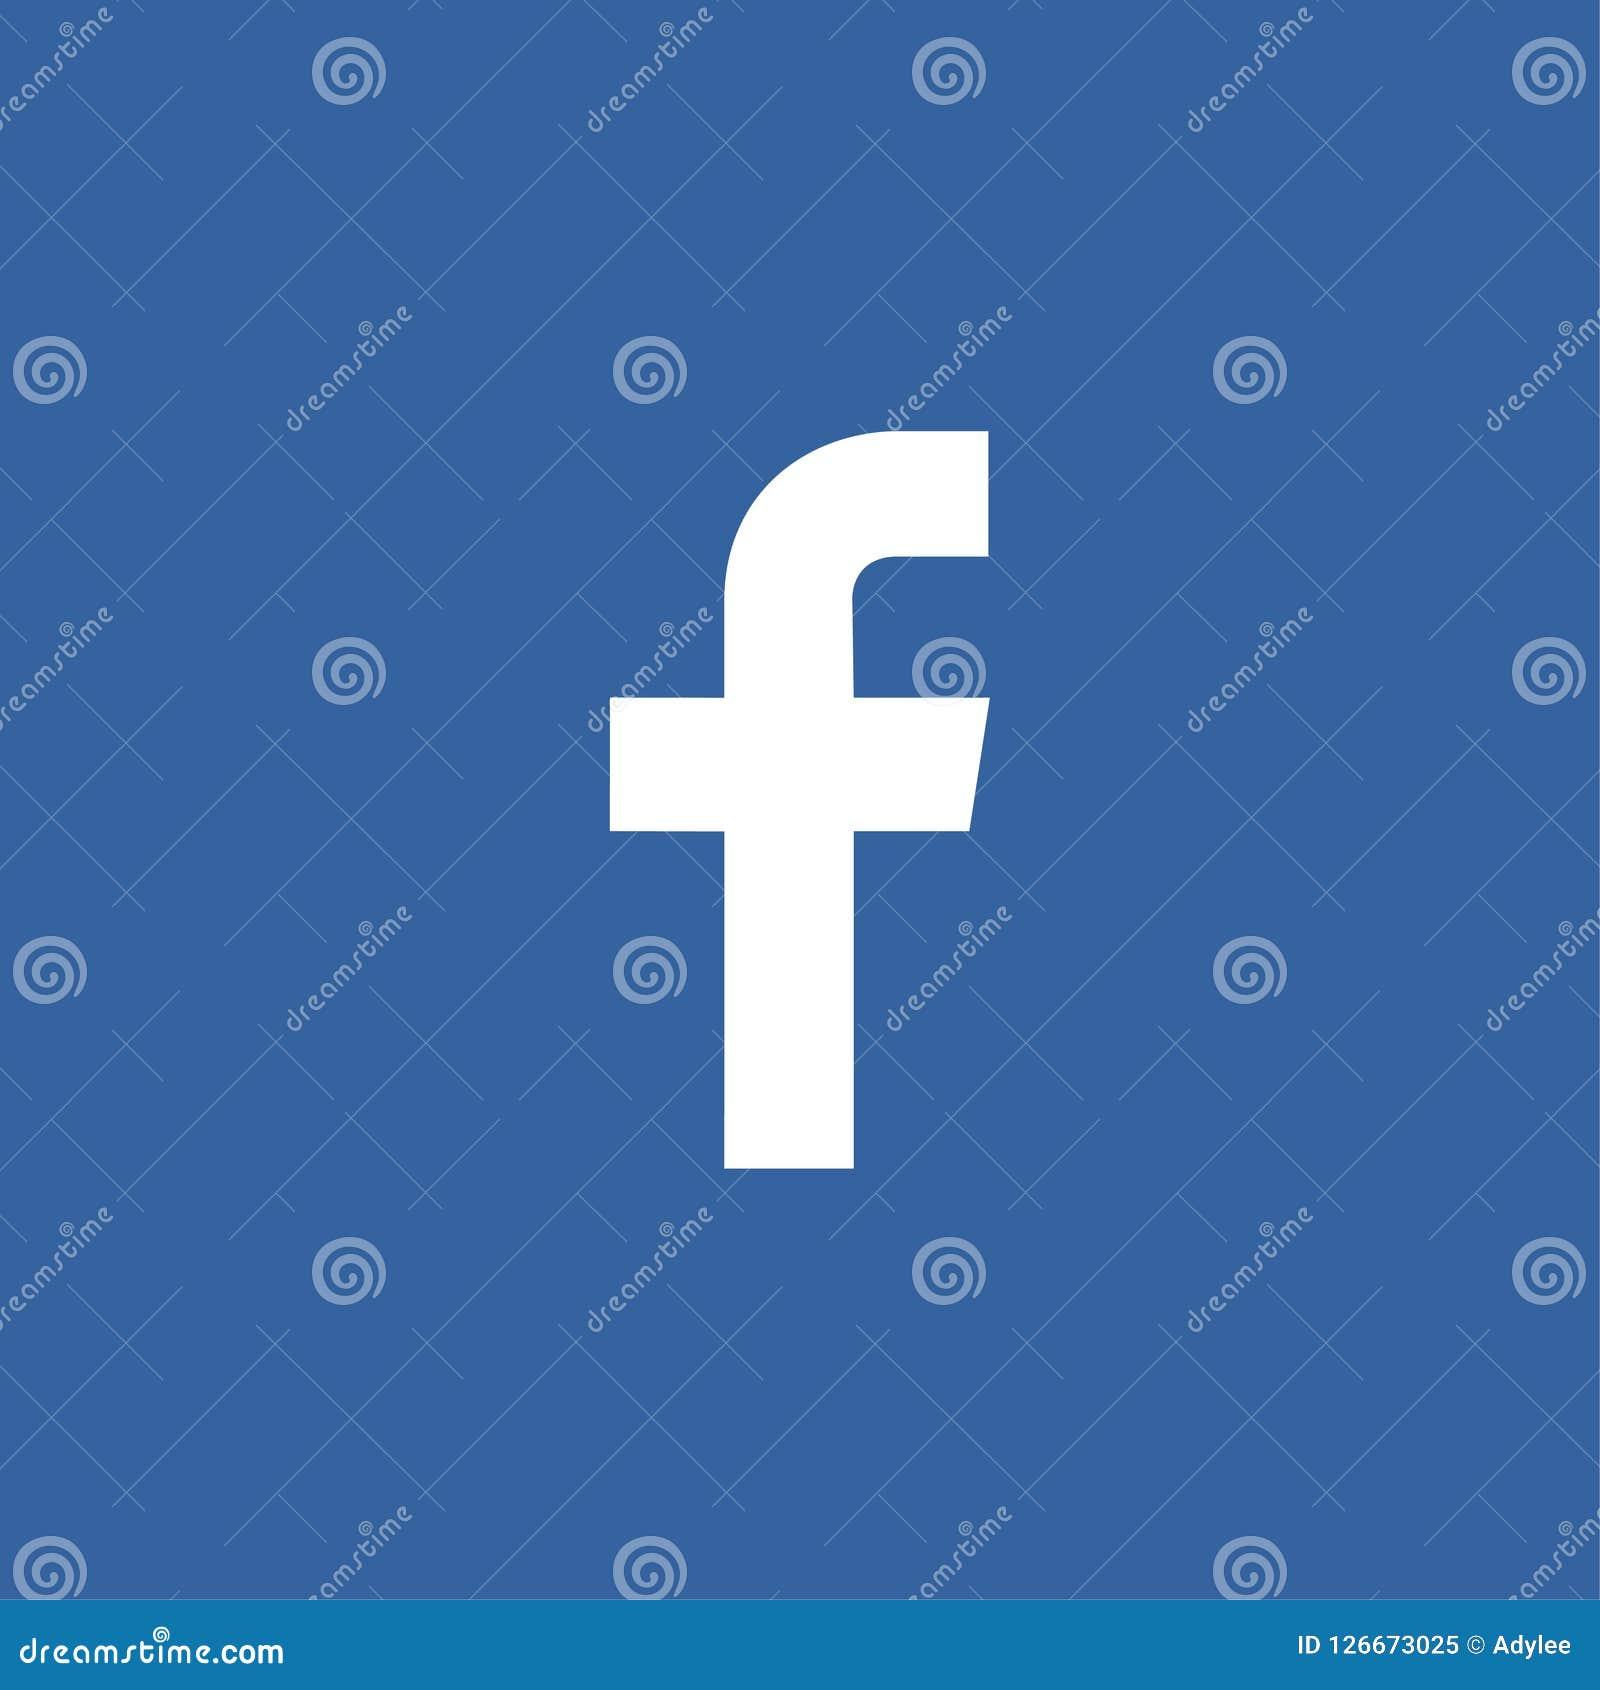 Des auf Lager einfache F Logomedien Vektors sozial